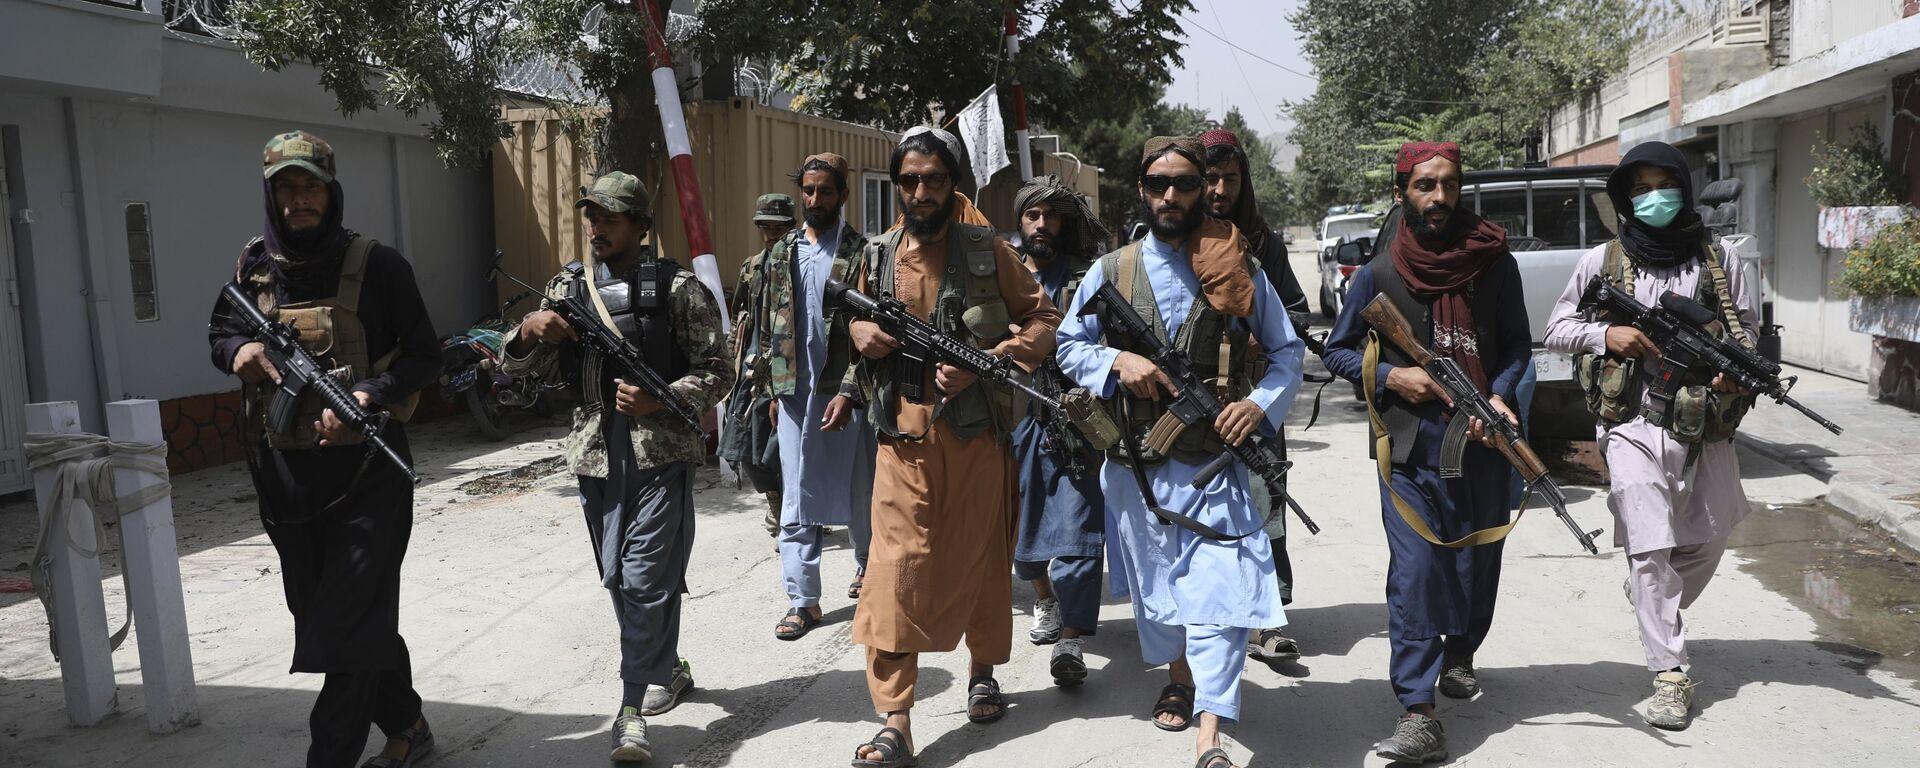 Талибы с оружием патрулируют улицы в Кабуле, Афганистан - Sputnik Грузия, 1920, 04.09.2021